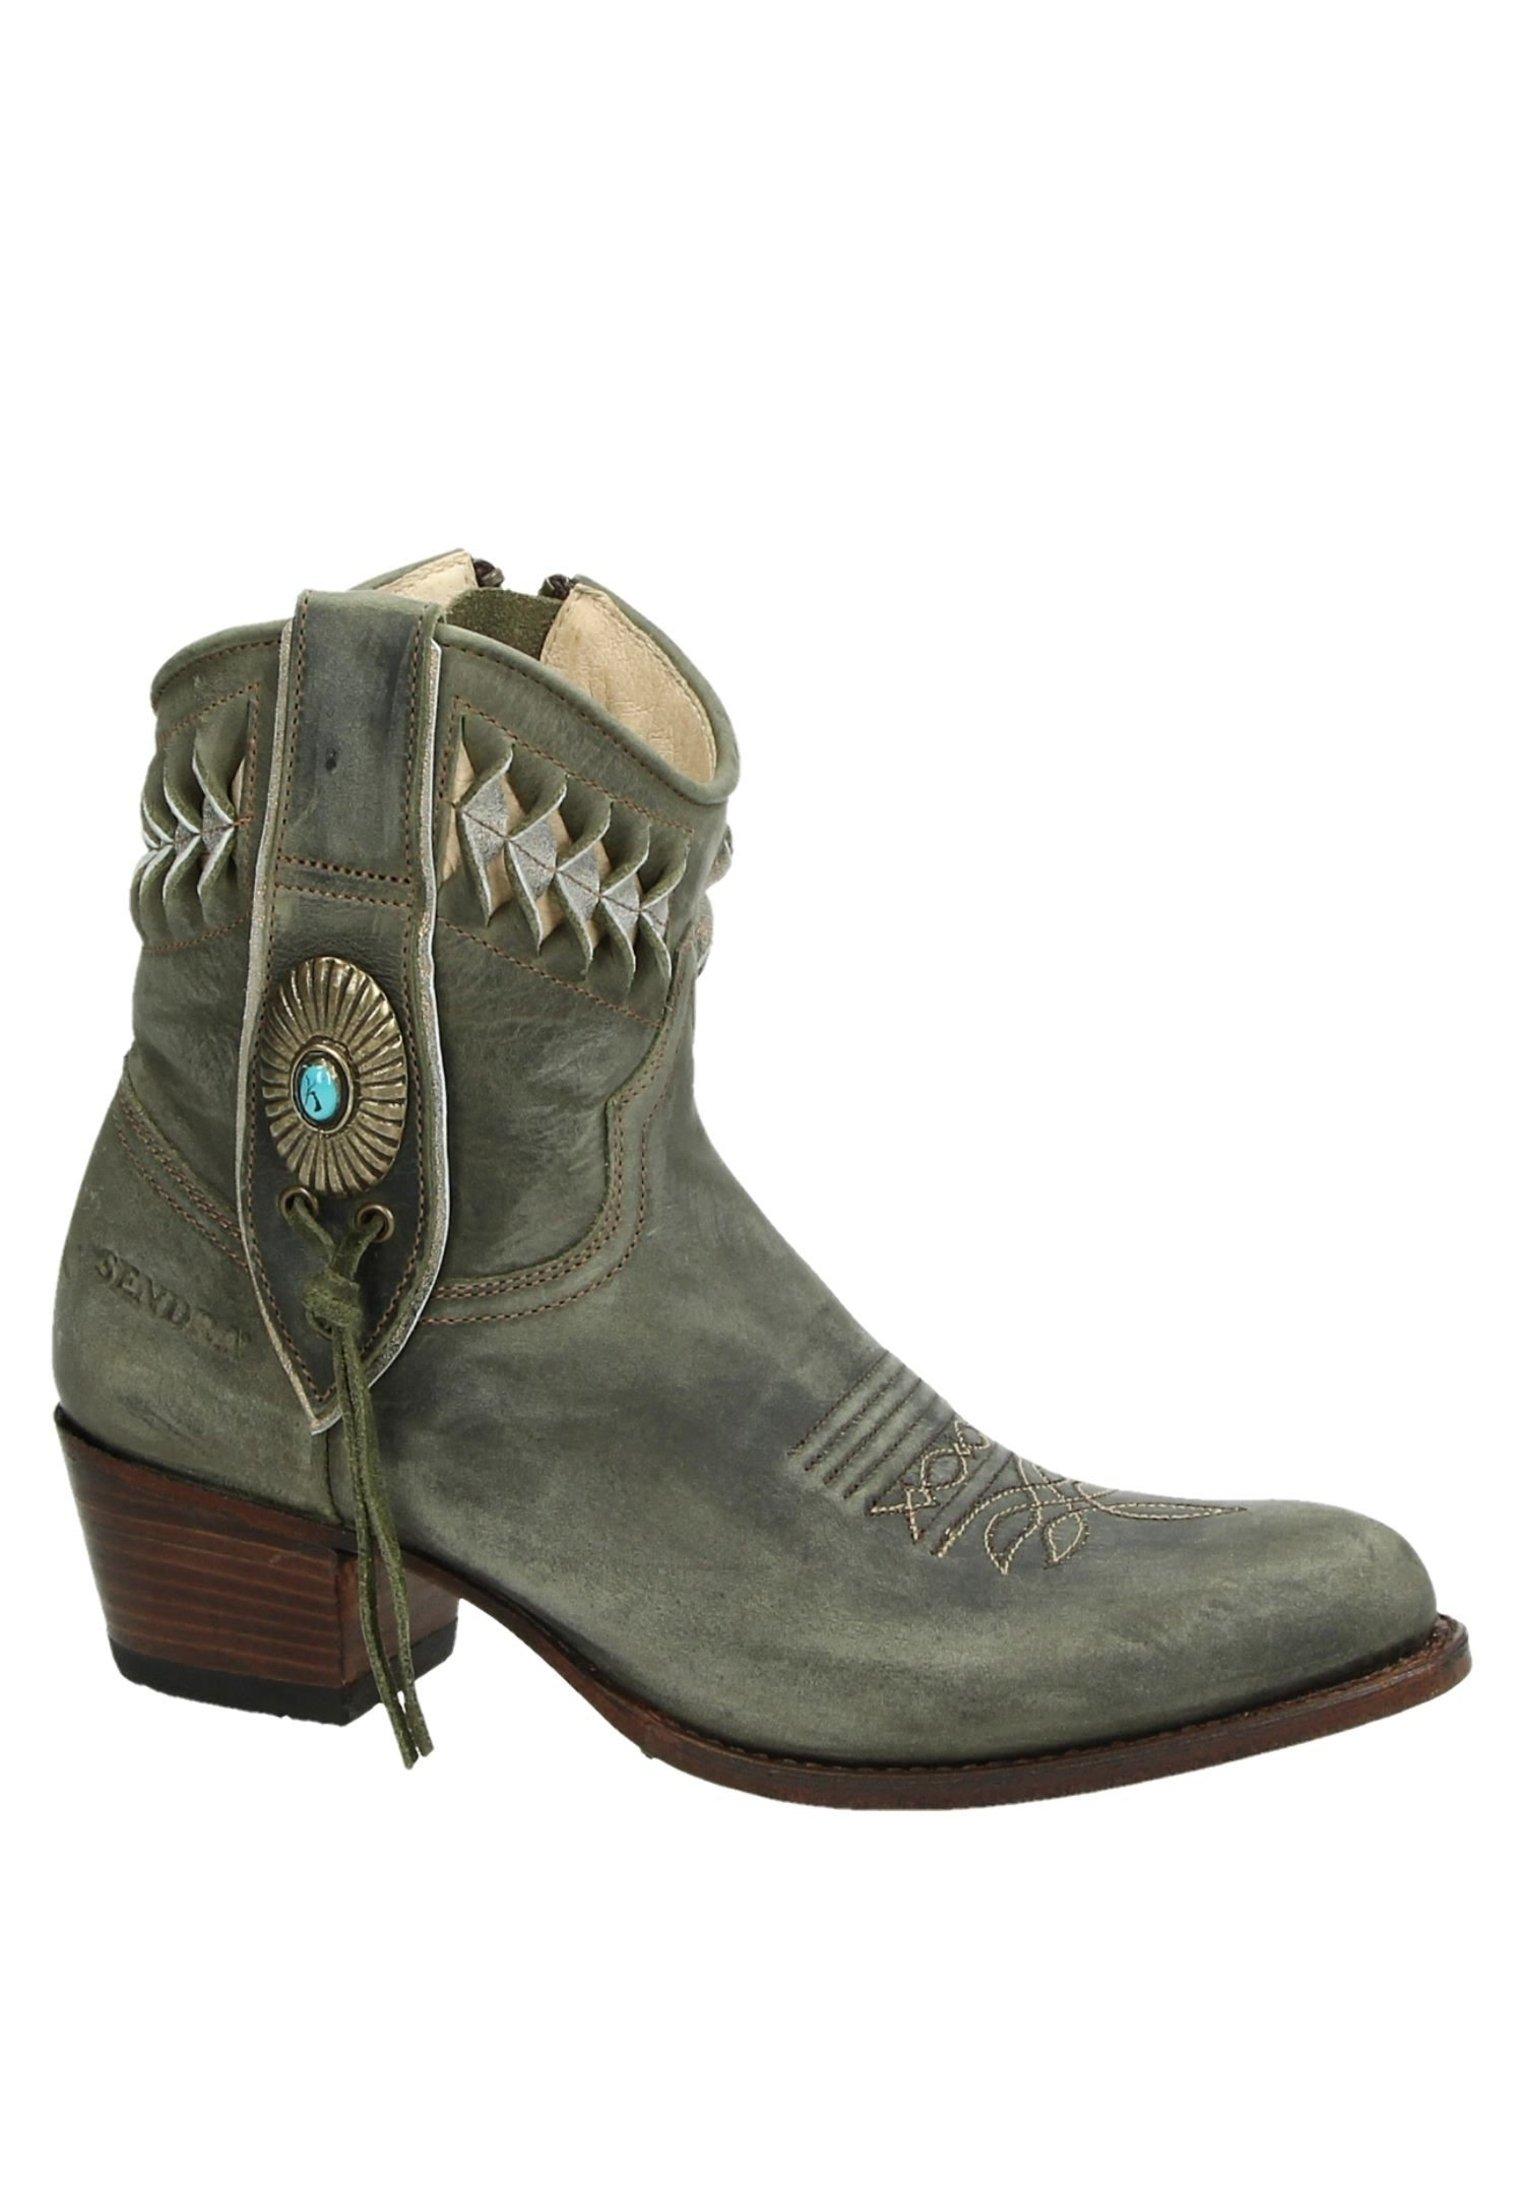 Aanbiedingen Best Verkopende Damesschoenen PsdkjGXhisd Sendra DEBORA Cowboy-/Bikerlaarsjes groen 4sgO93Z